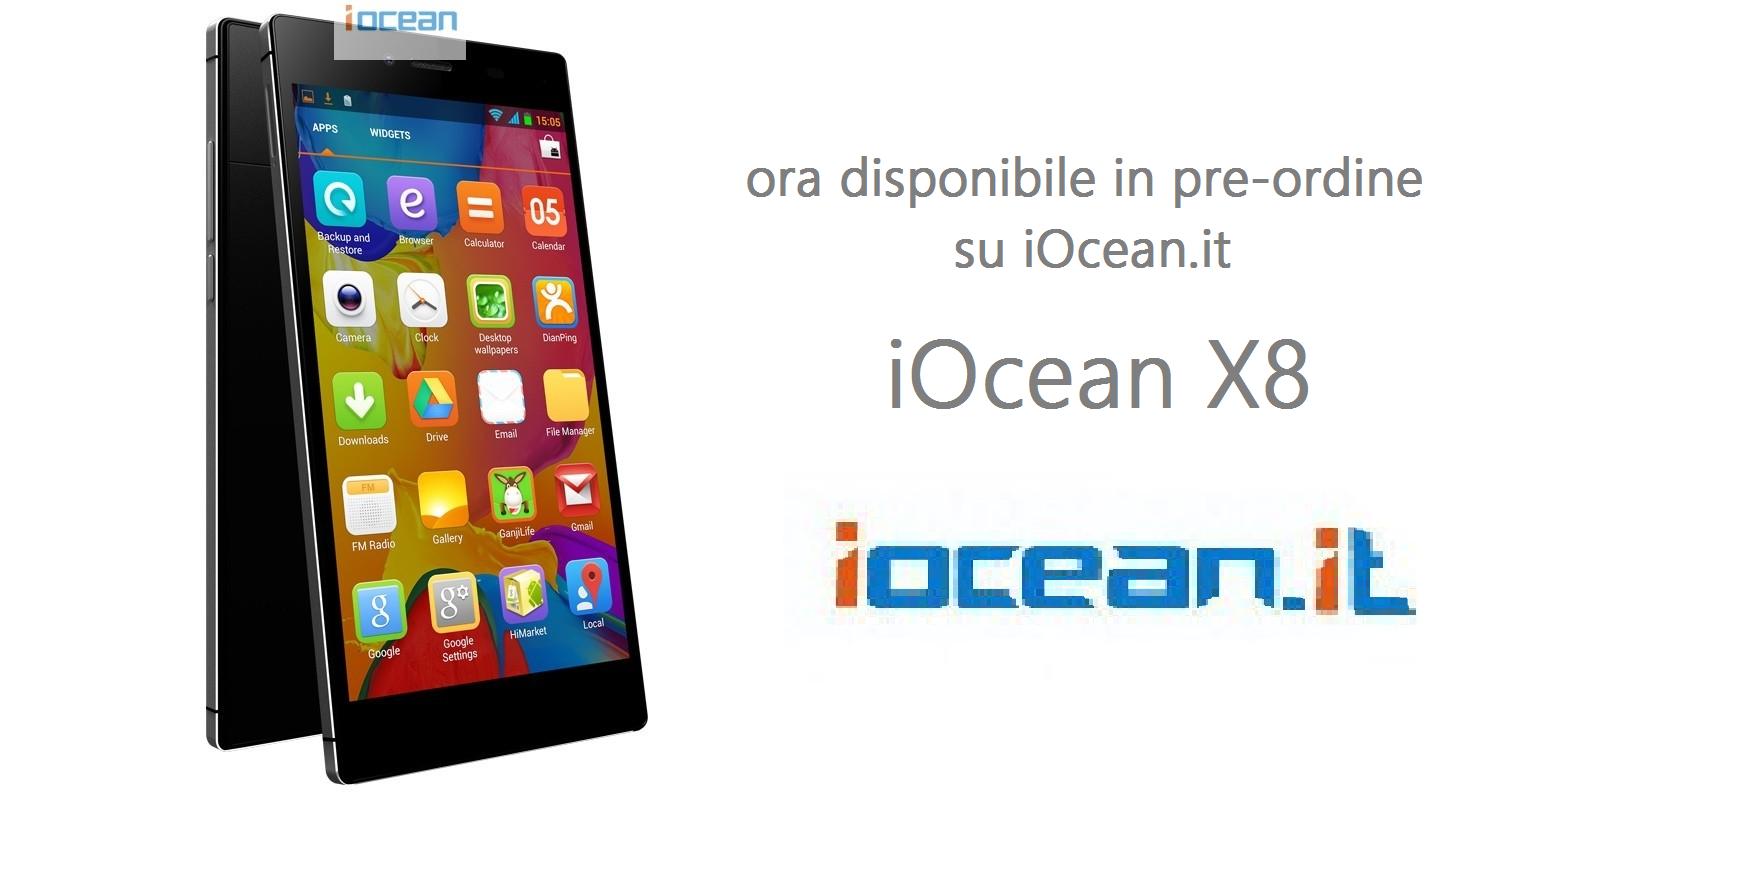 iOcean_X8_italia